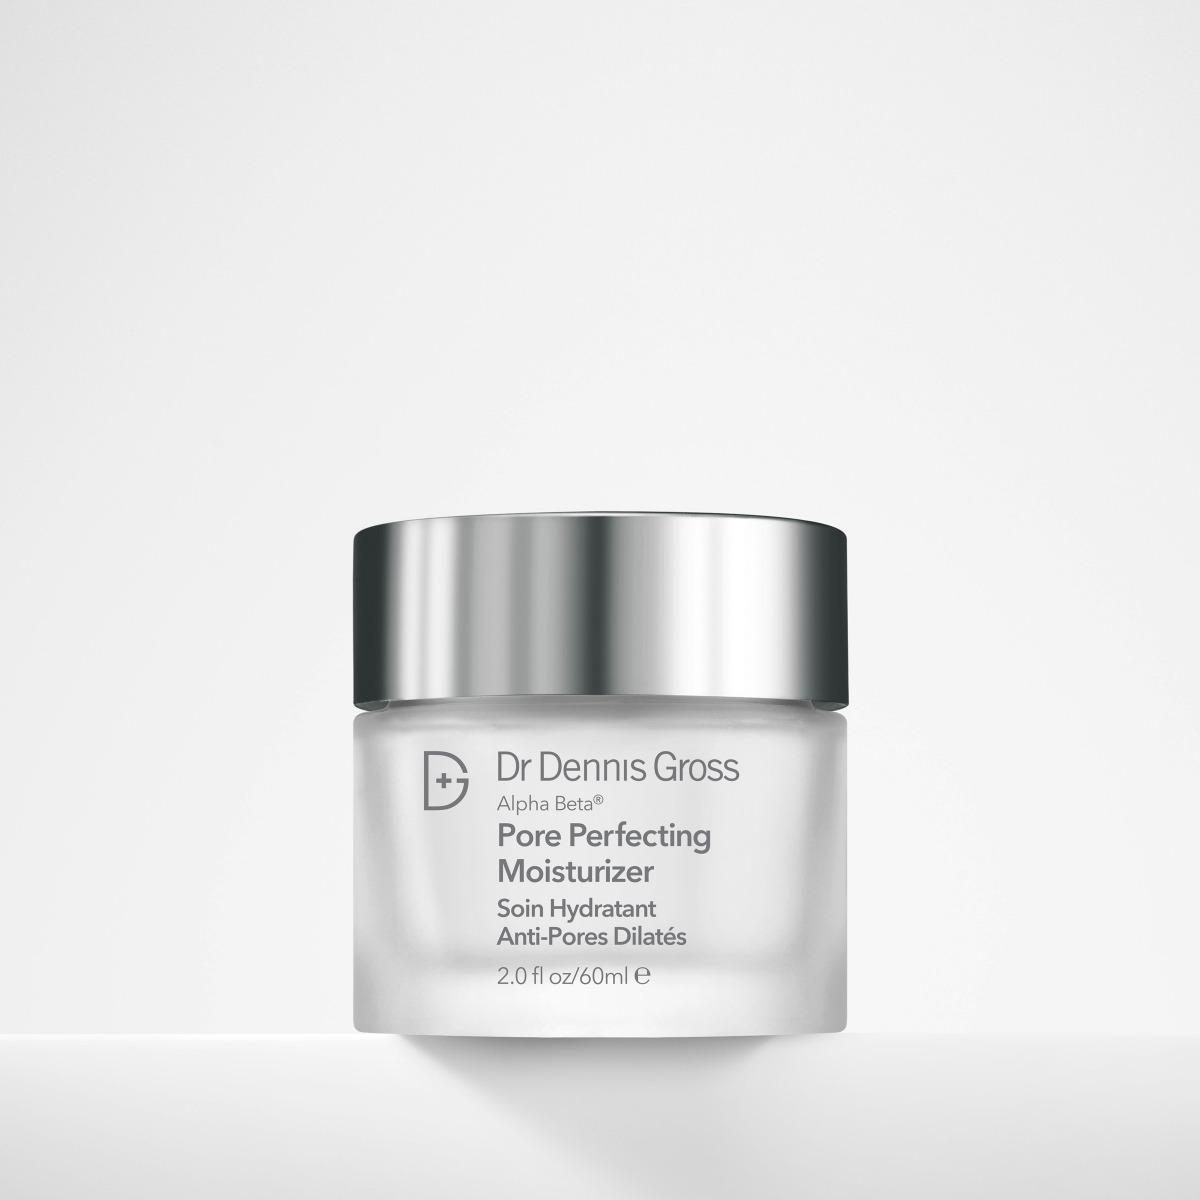 Dr. Dennis Gross Alpha Beta Pore Perfecting Moisturizer